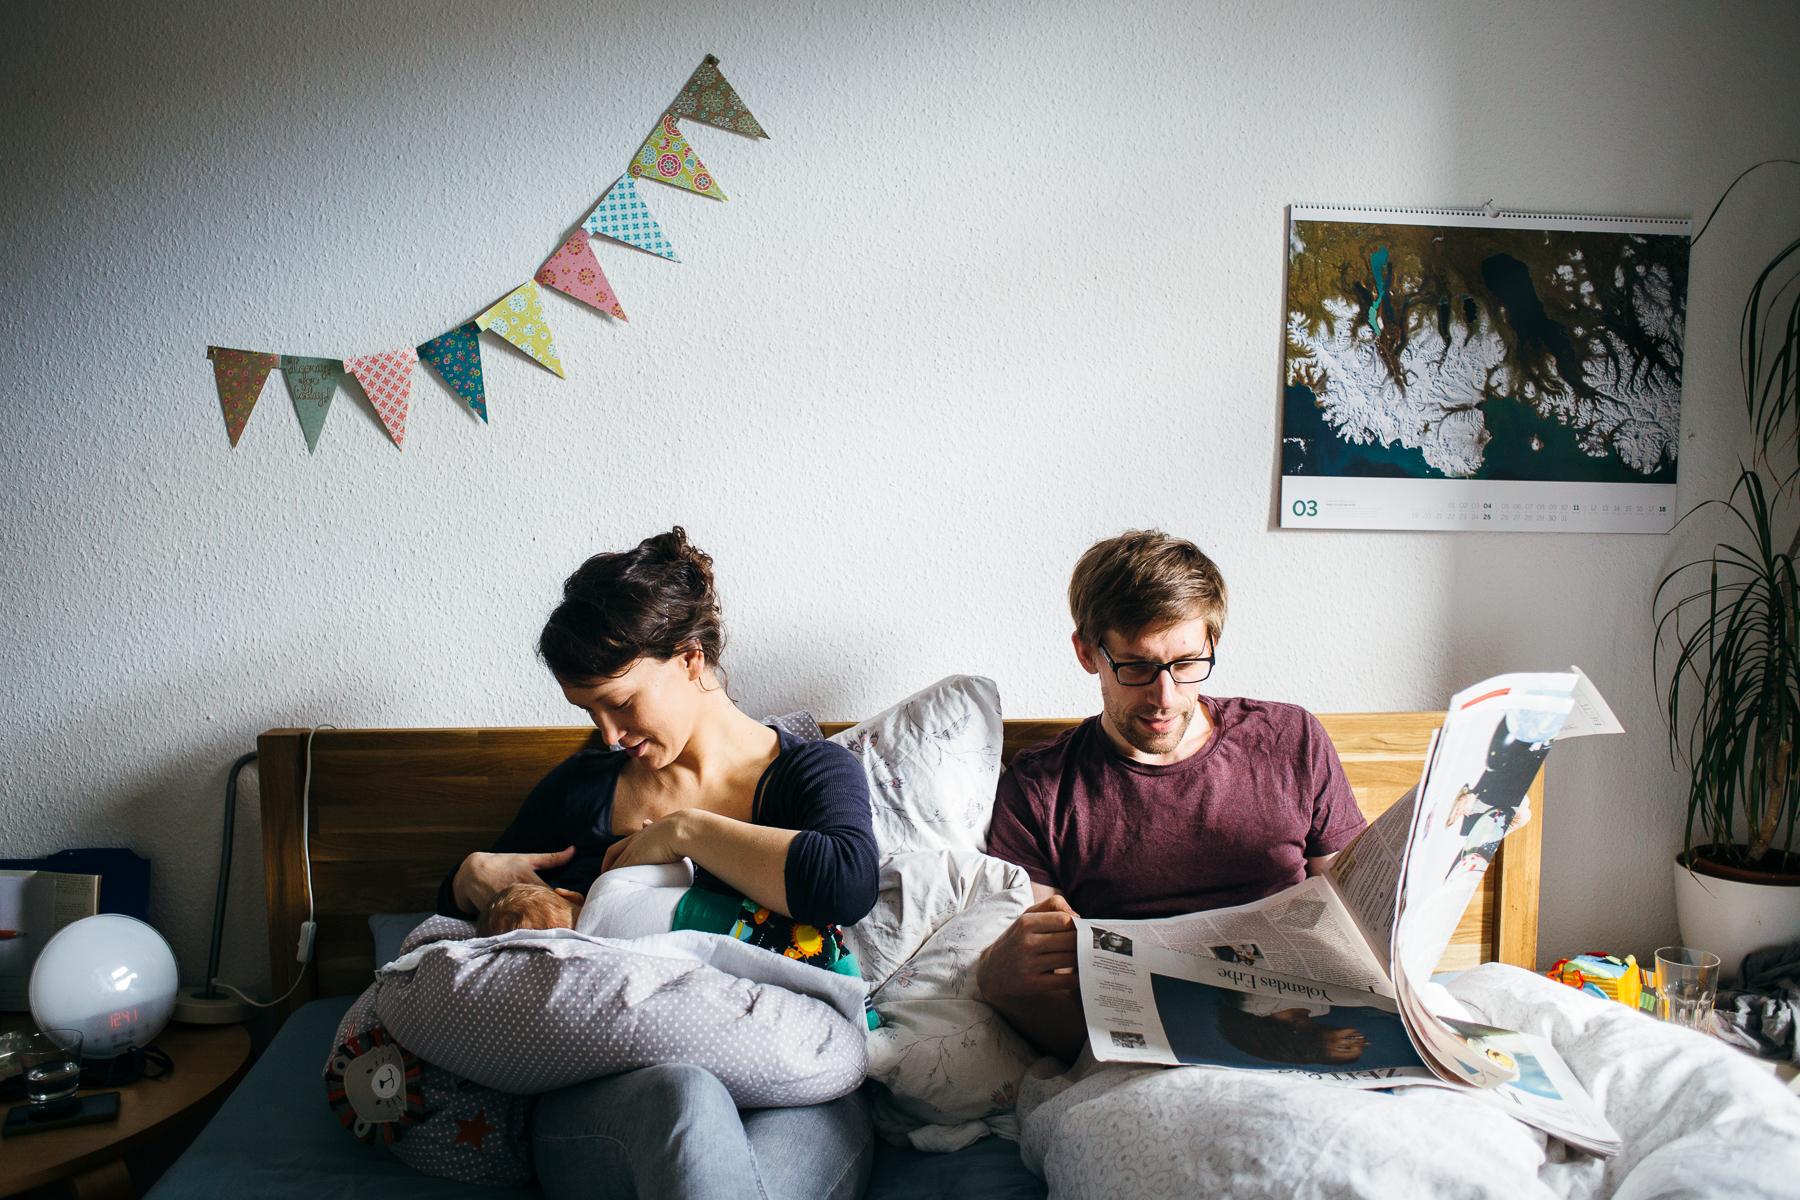 Papa liest Zeitung im Familienbett, daneben sitzt Mama und stillt das Baby